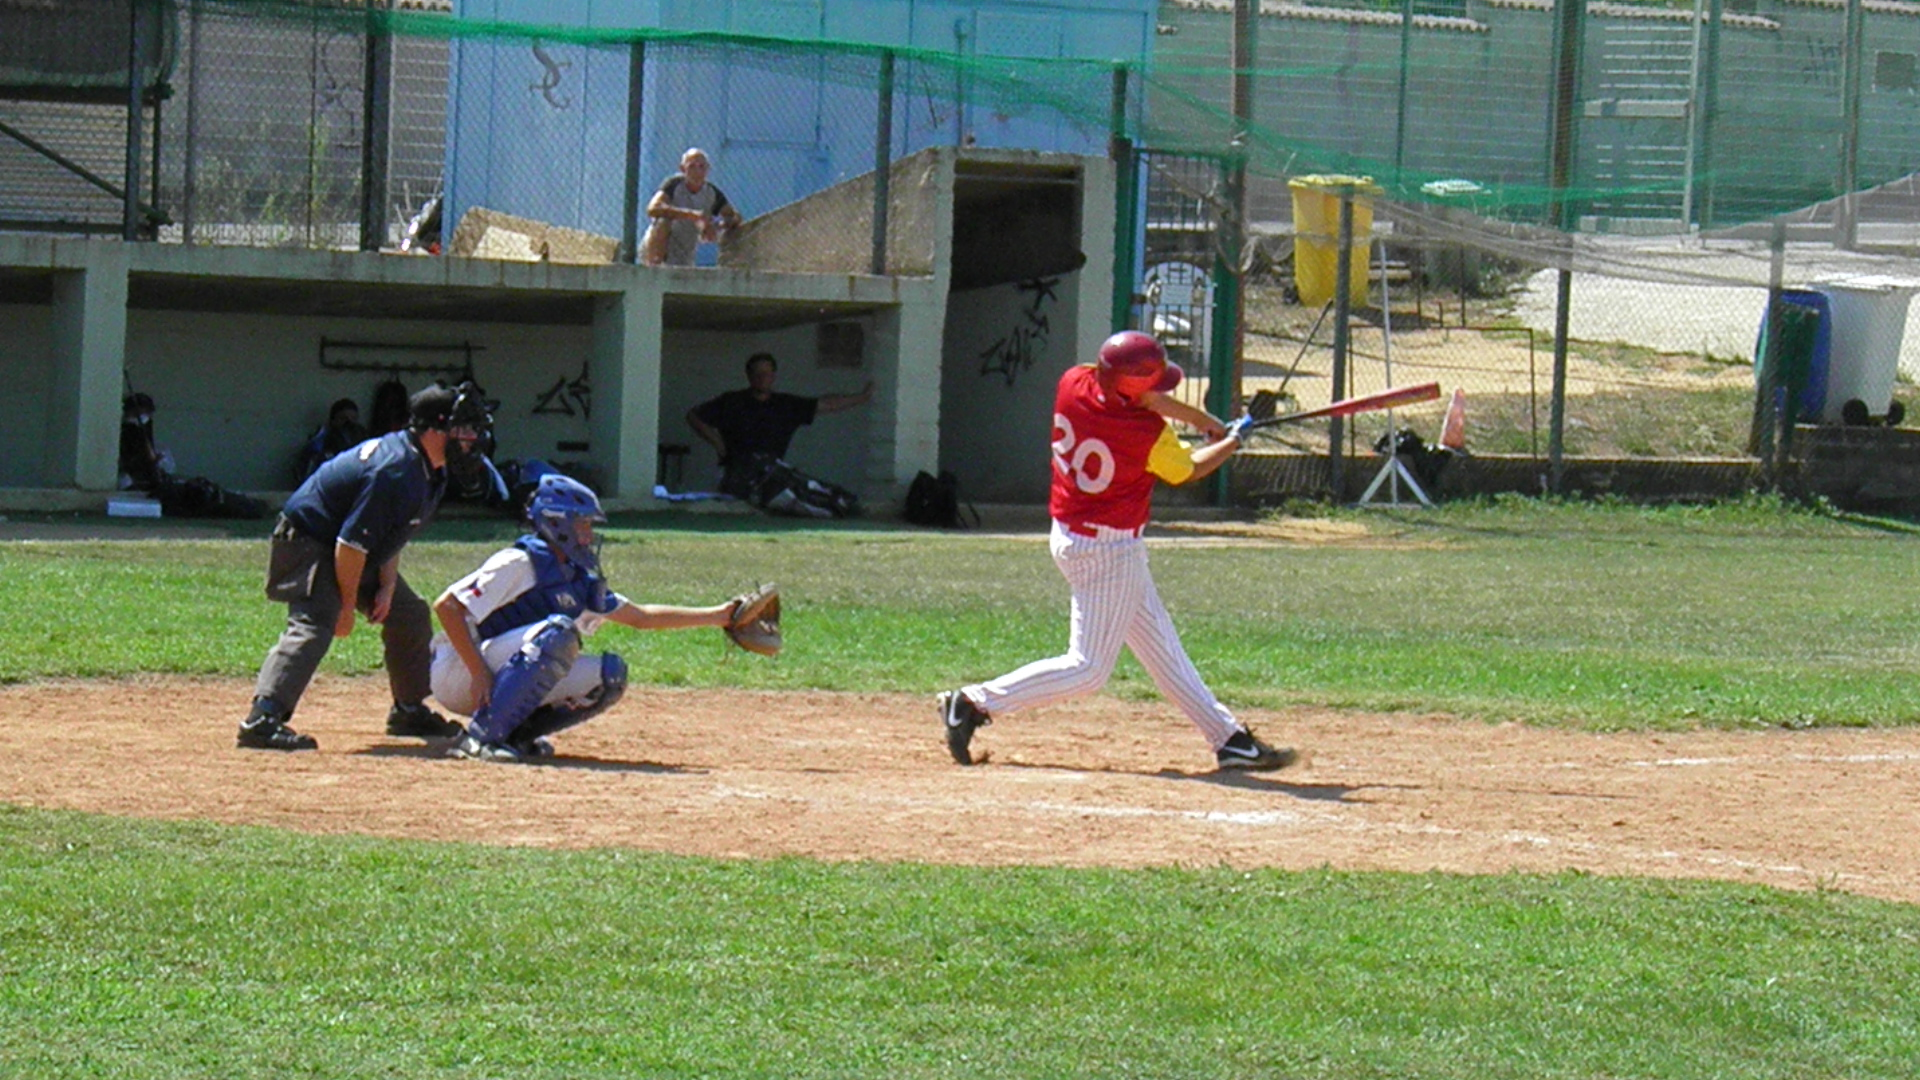 Equipo Nacional Espana en el Equipo Nacional Han